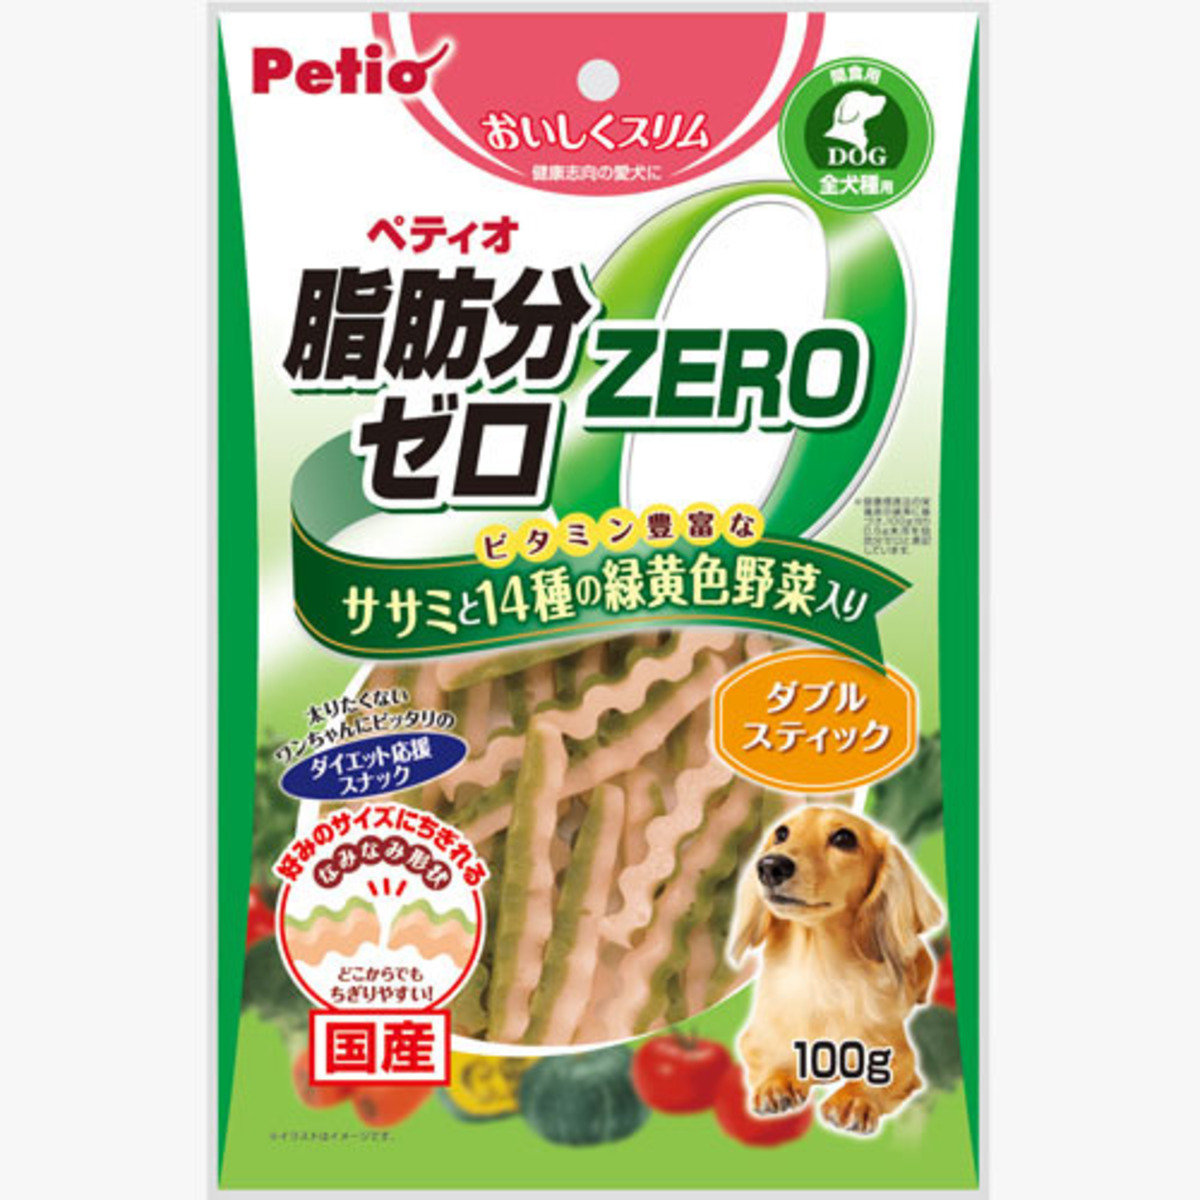 狗小食低脂雞胸肉及14式蔬菜雙色波浪條(W12035)